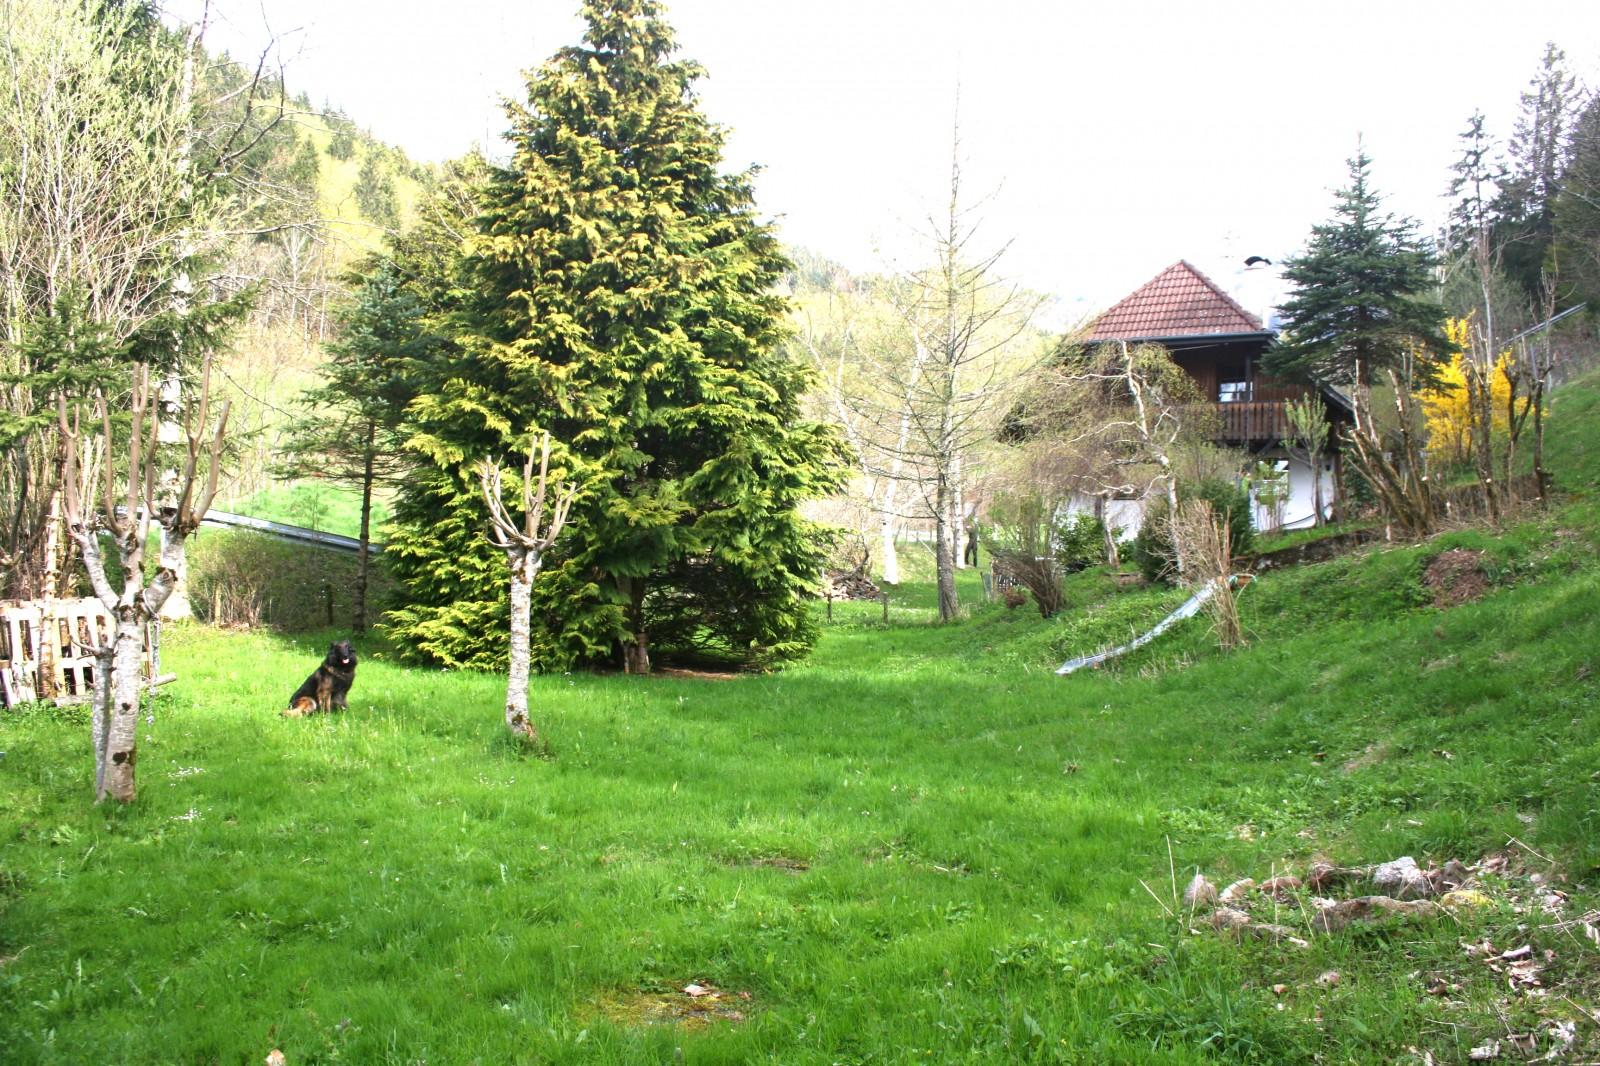 ferienhaus christine im schwarzwald ferienhaus kleines wiesental s dschwarzwald. Black Bedroom Furniture Sets. Home Design Ideas